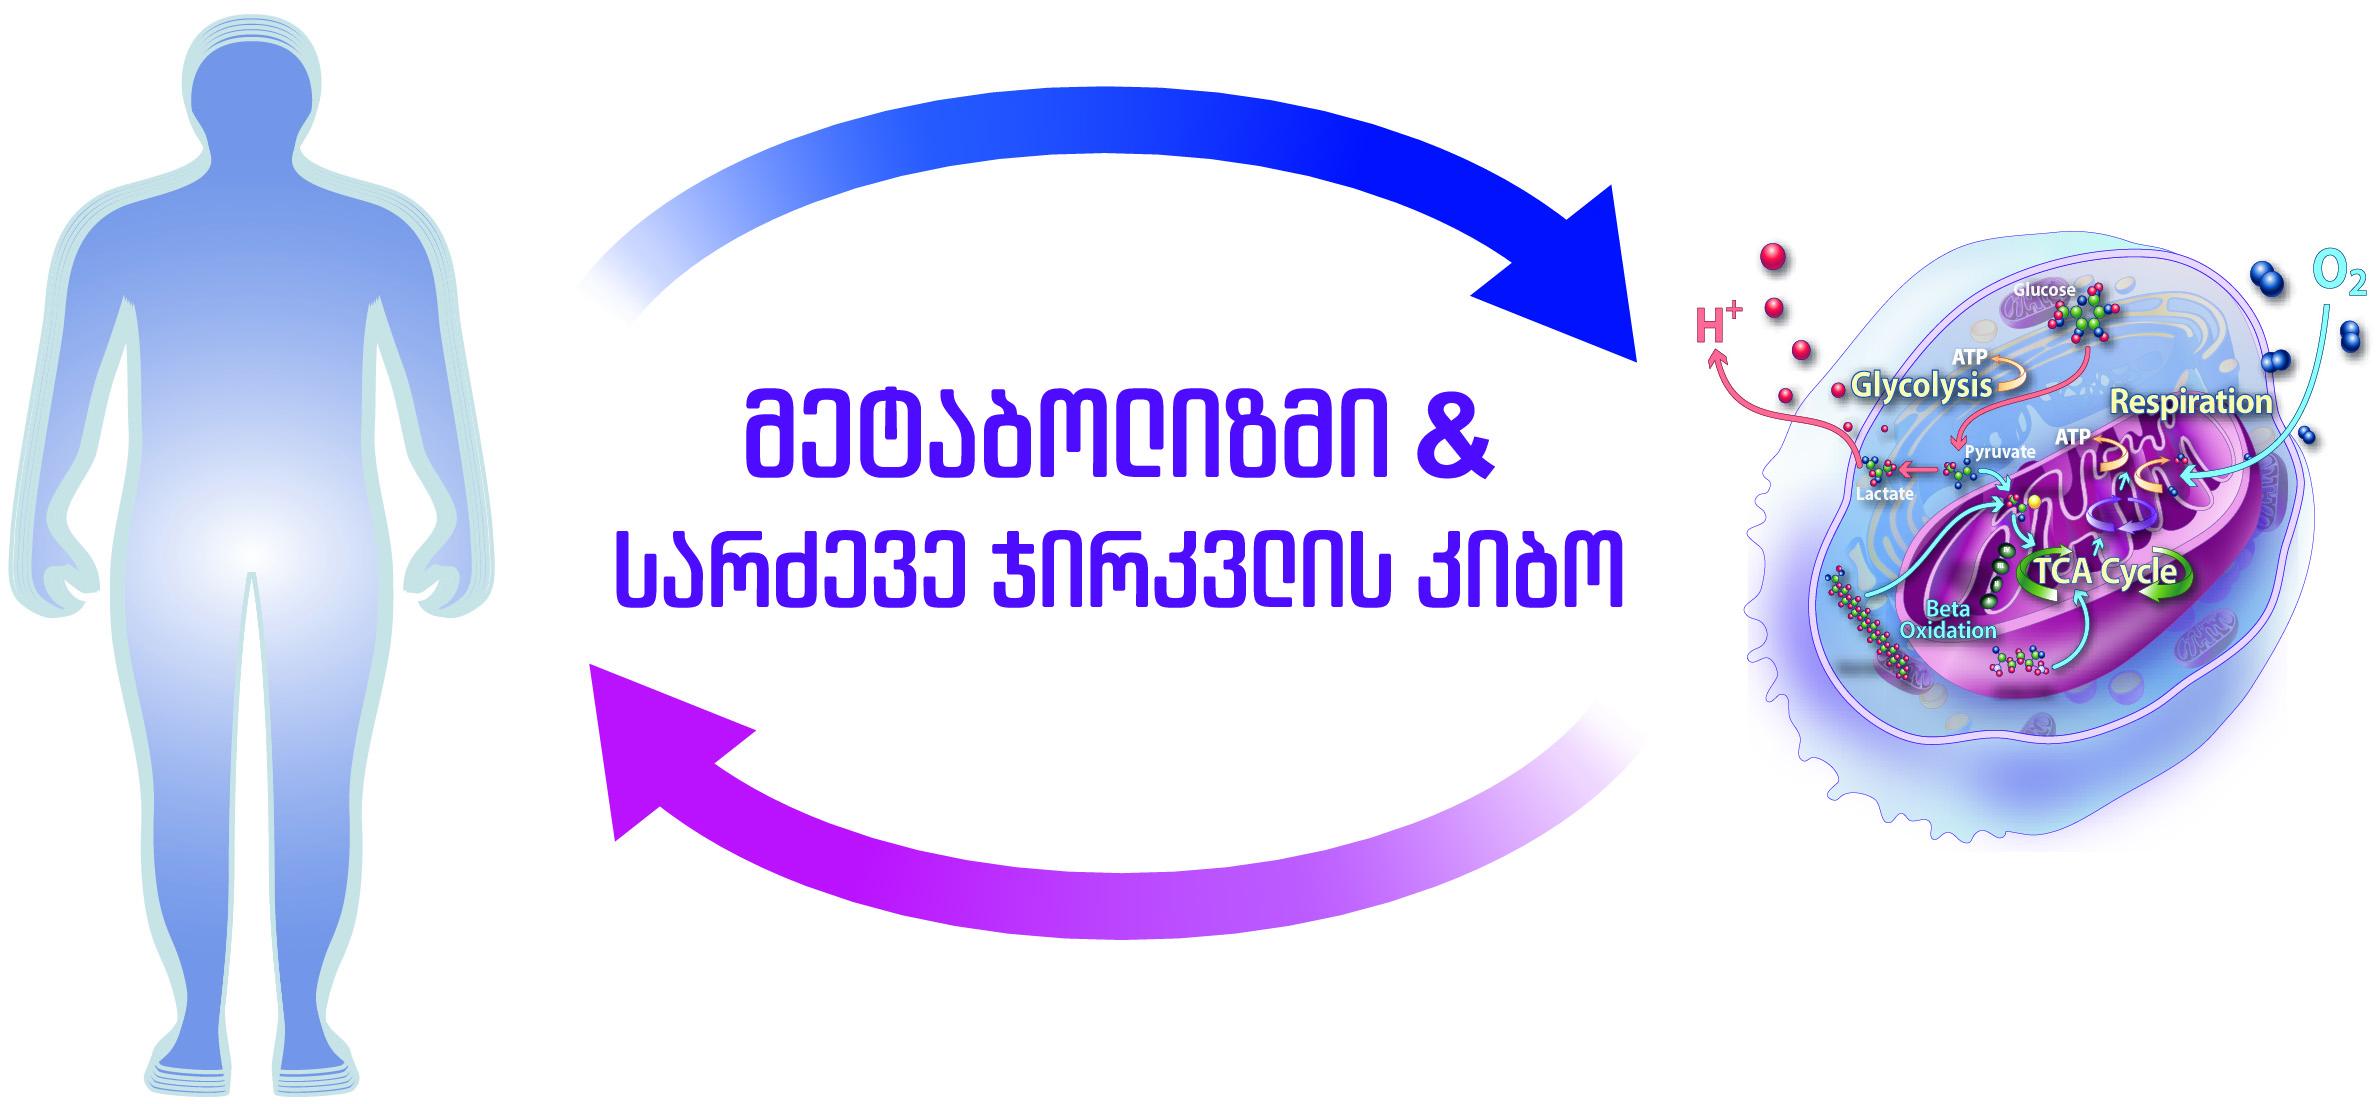 მეტაბოლიზმი